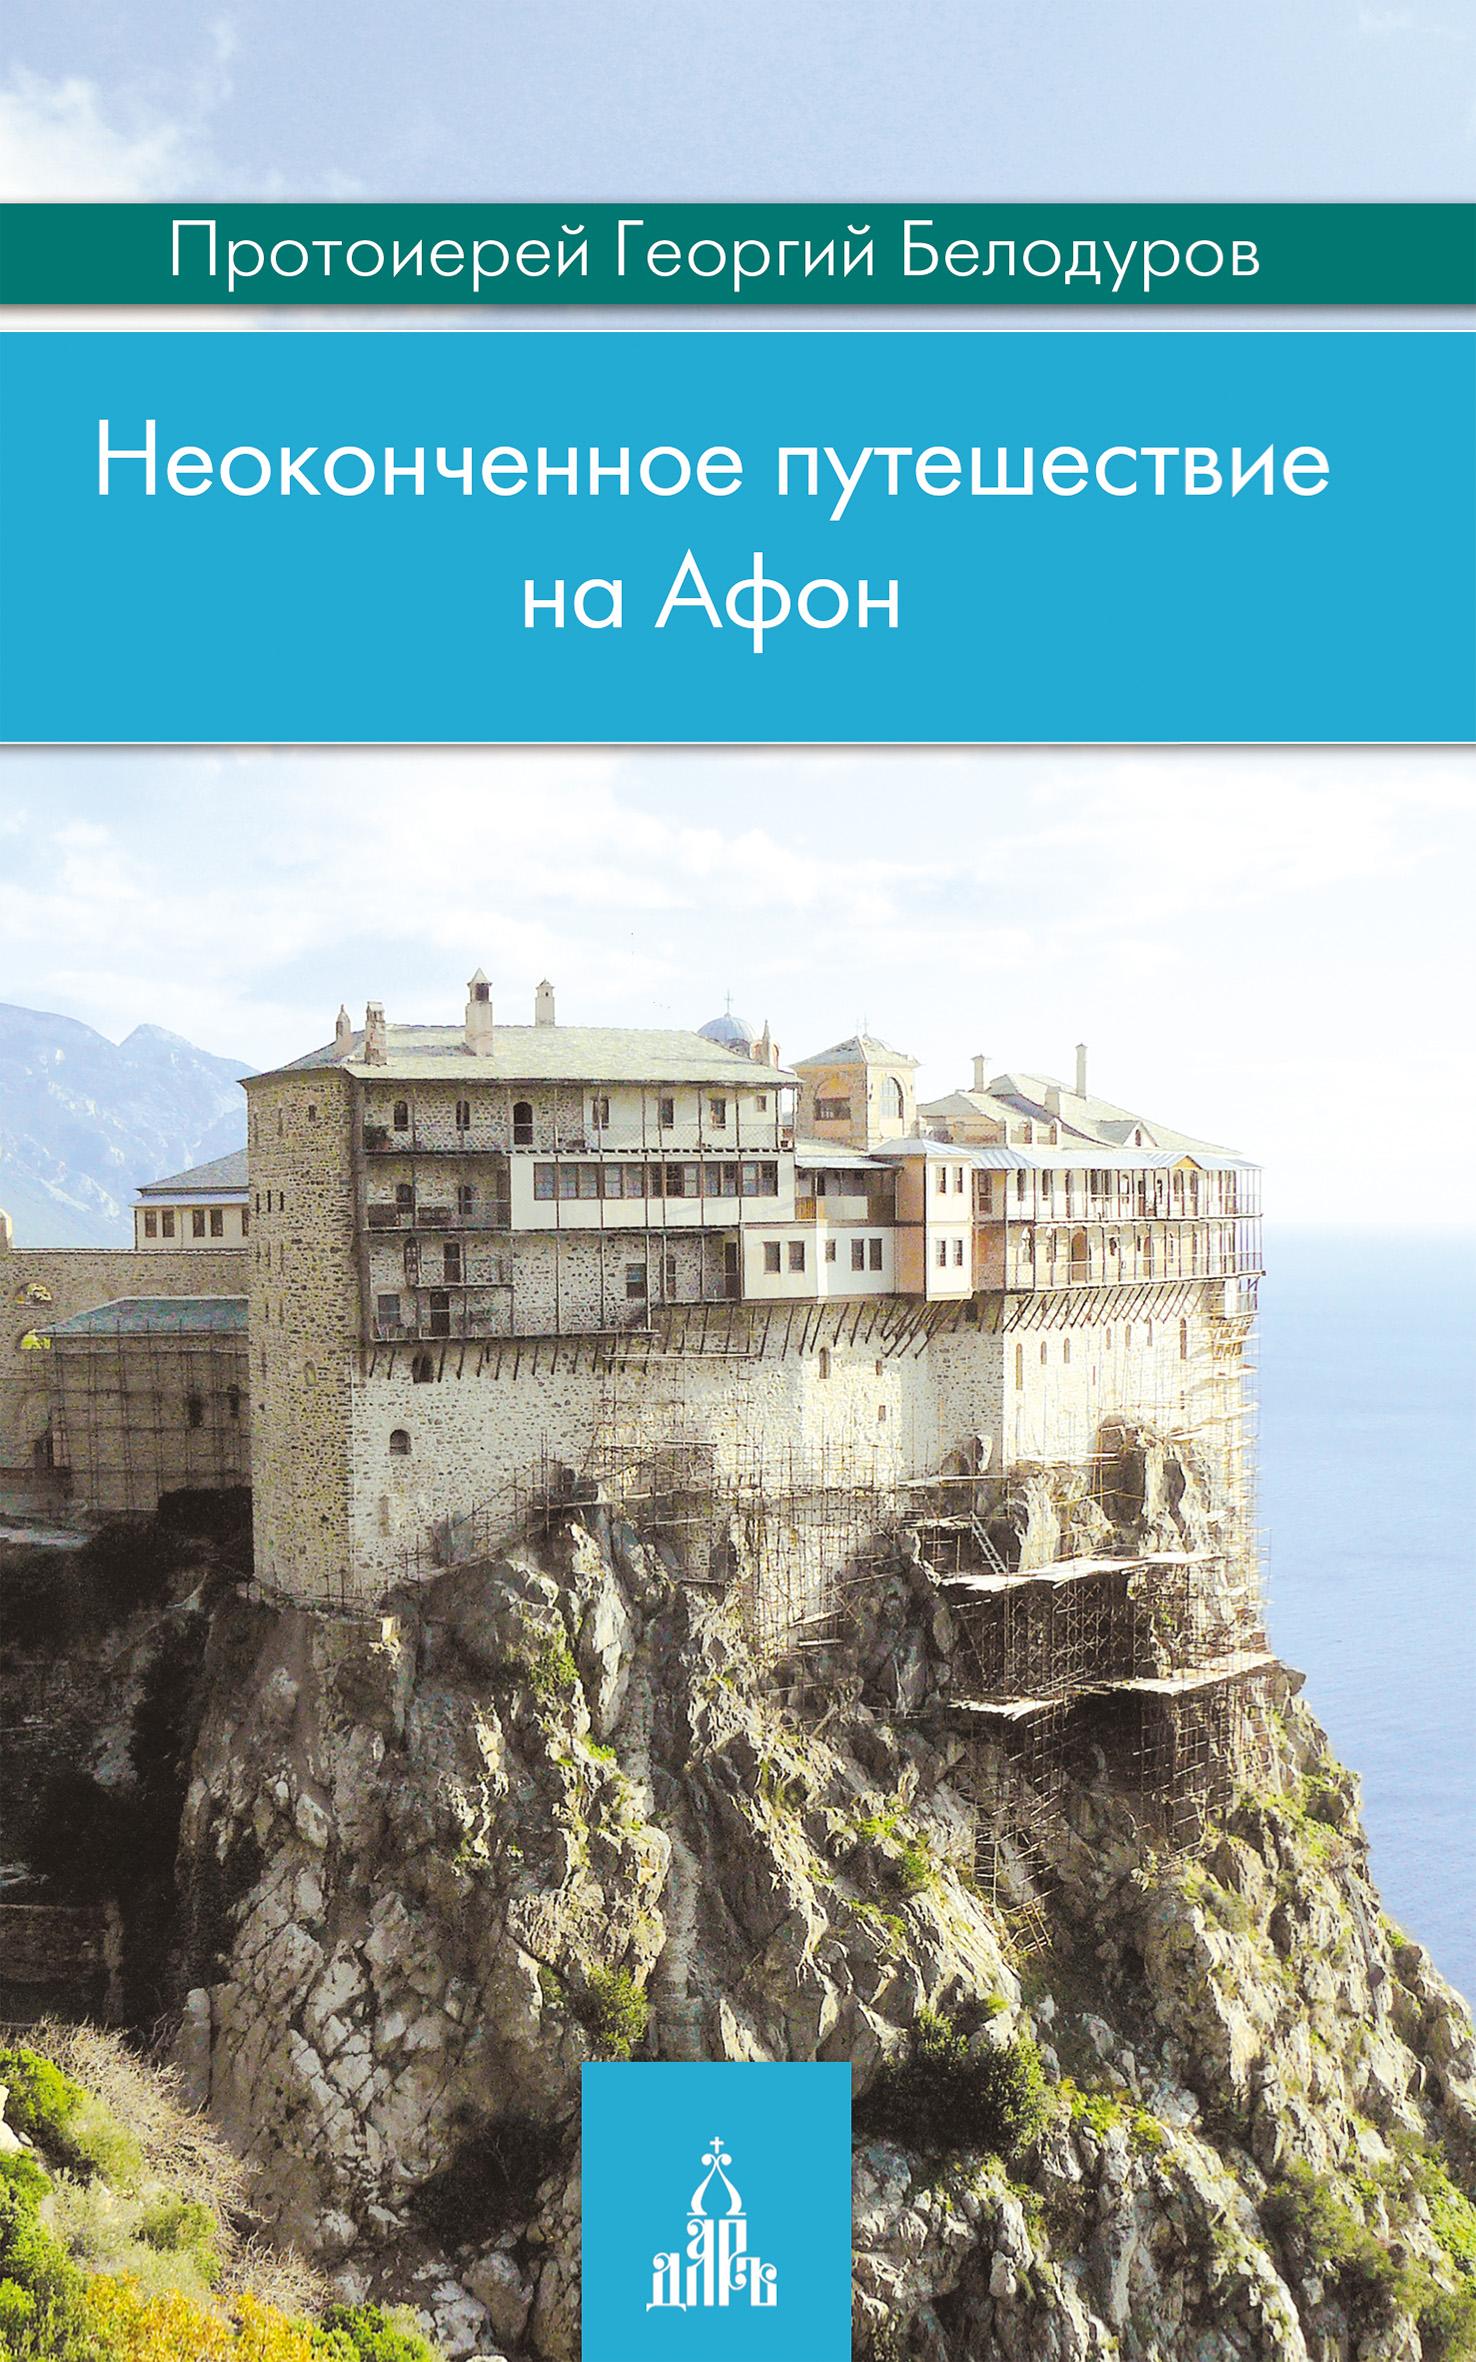 протоиерей Георгий Белодуро Неоконченное путешестие на Афон